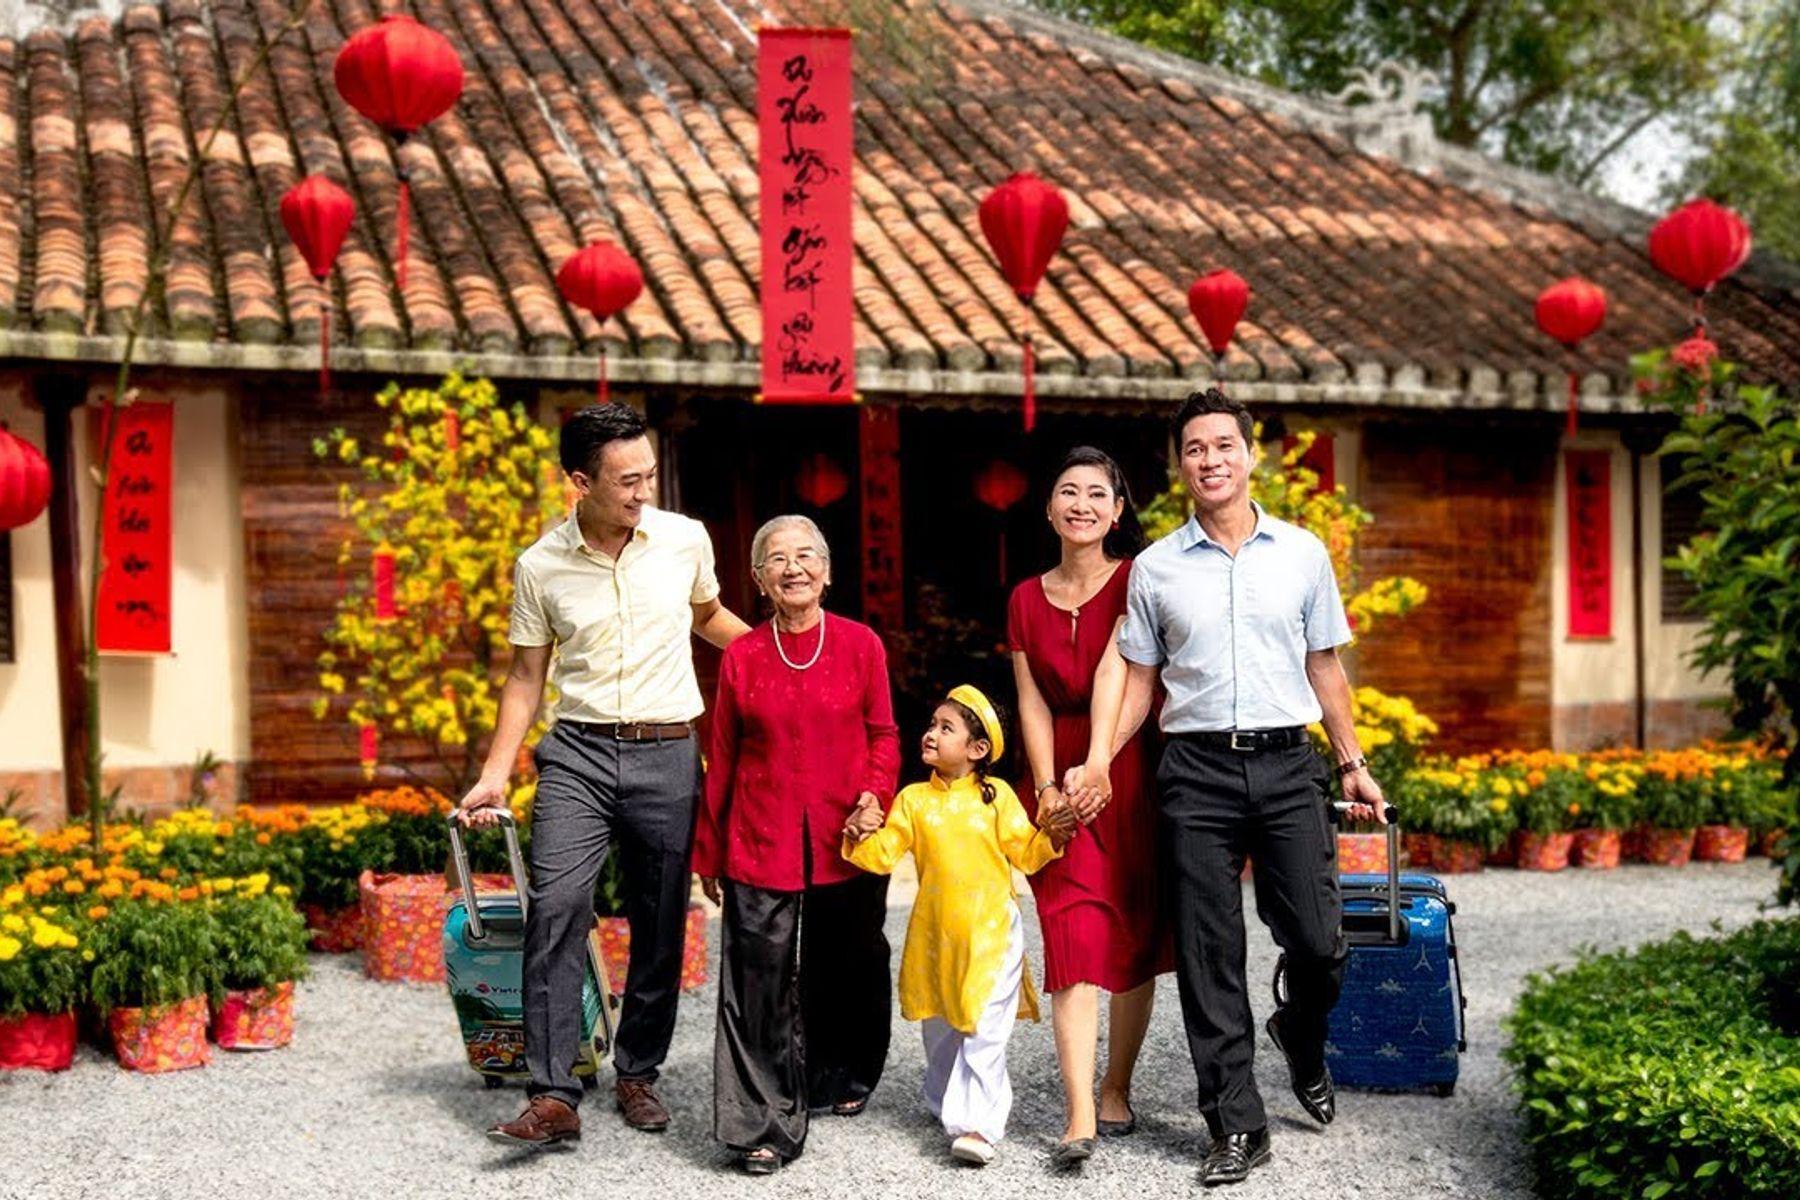 """Du lịch Tết Nguyên đán cho cả gia đình - Đi đâu là """"chuẩn nhất""""?"""